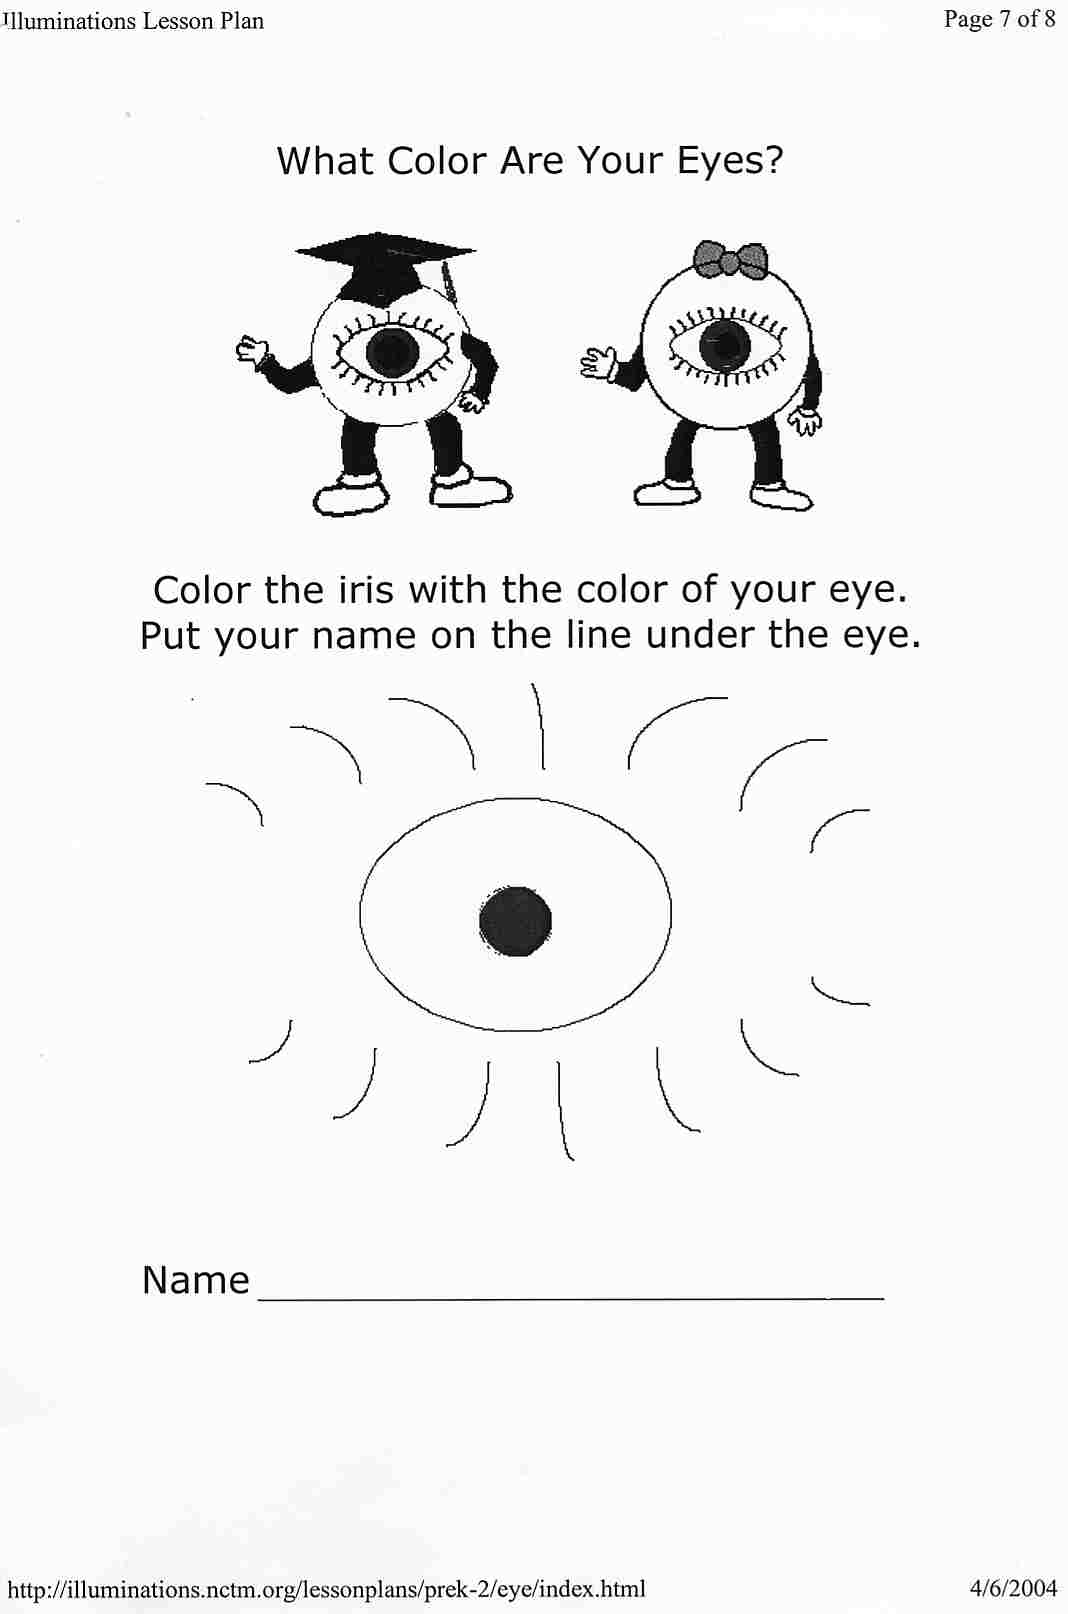 Kindergarten Worksheets The 5 Senses My Five For Preschoolers